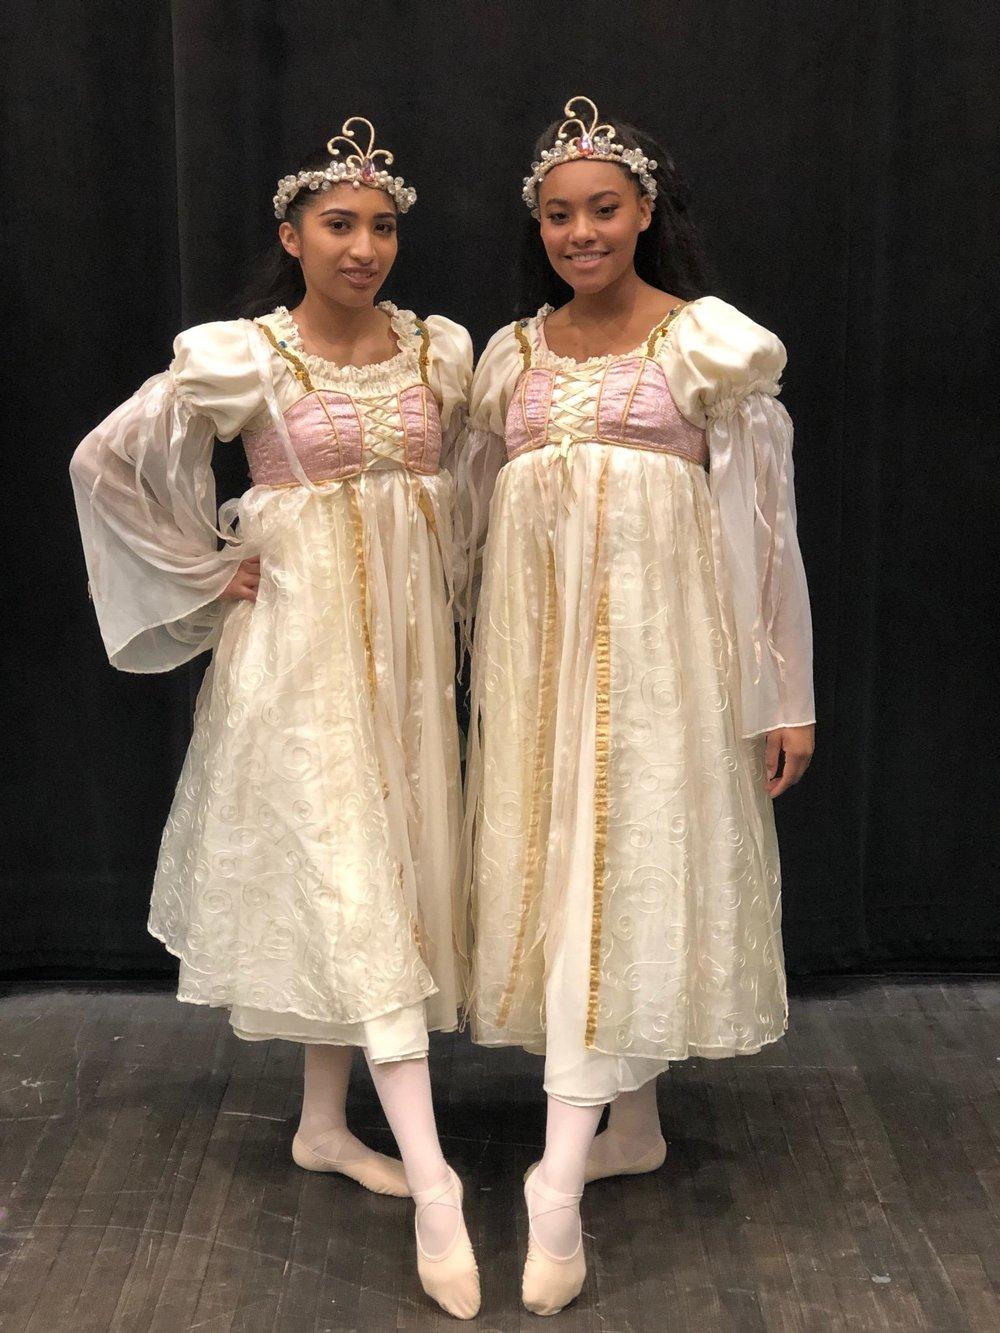 Vanessa Galaviz and Alexis Harris in  The Nutcracker  at the Michigan Opera Theatre.